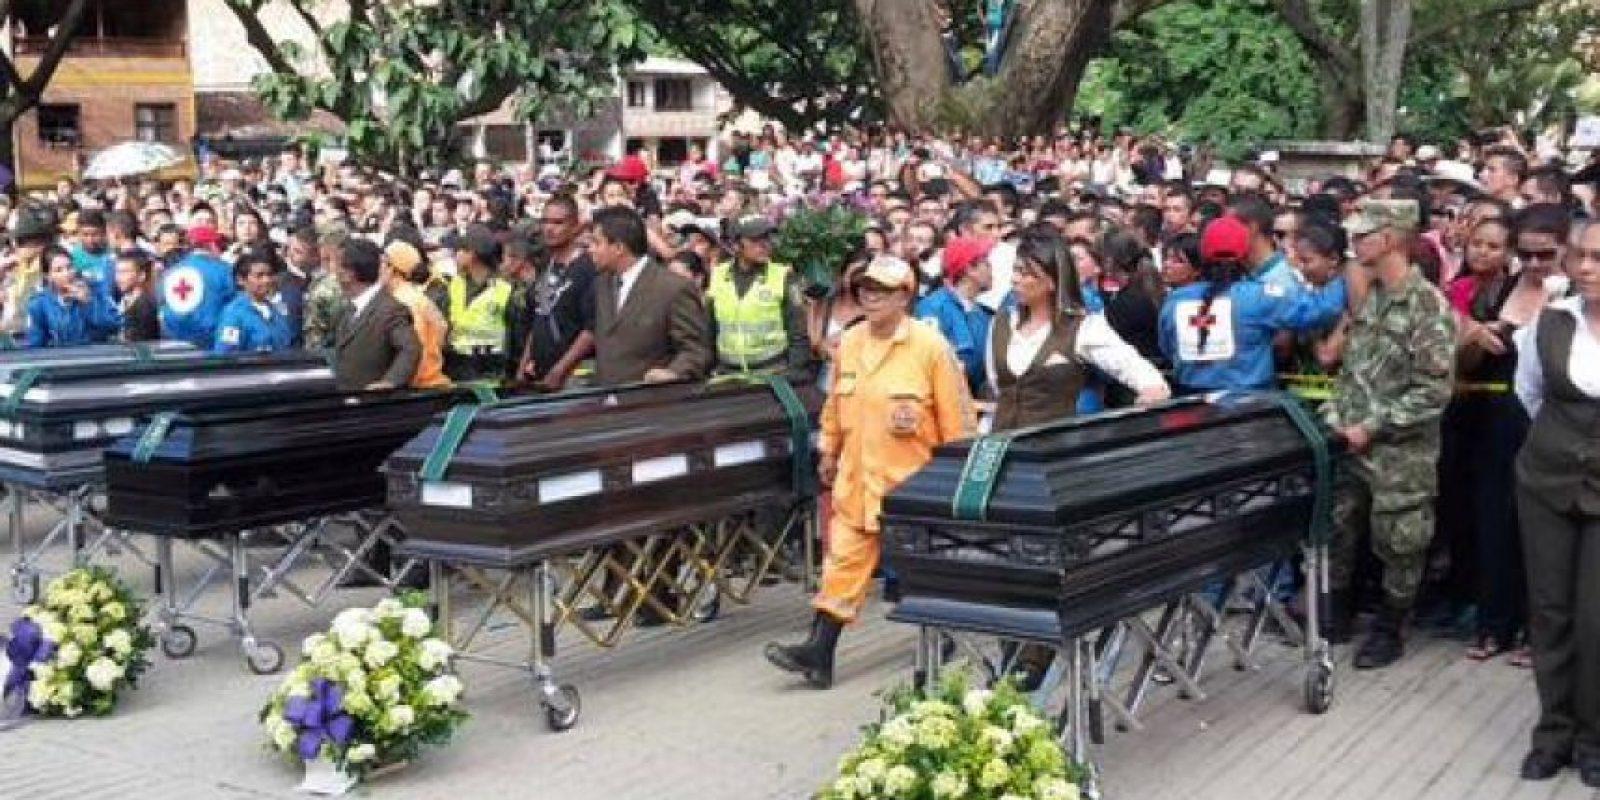 Más de cinco mil personas se acercaron a despedir a sus vecinos, amigos y familiares Foto:Twitter / @GralPalomino